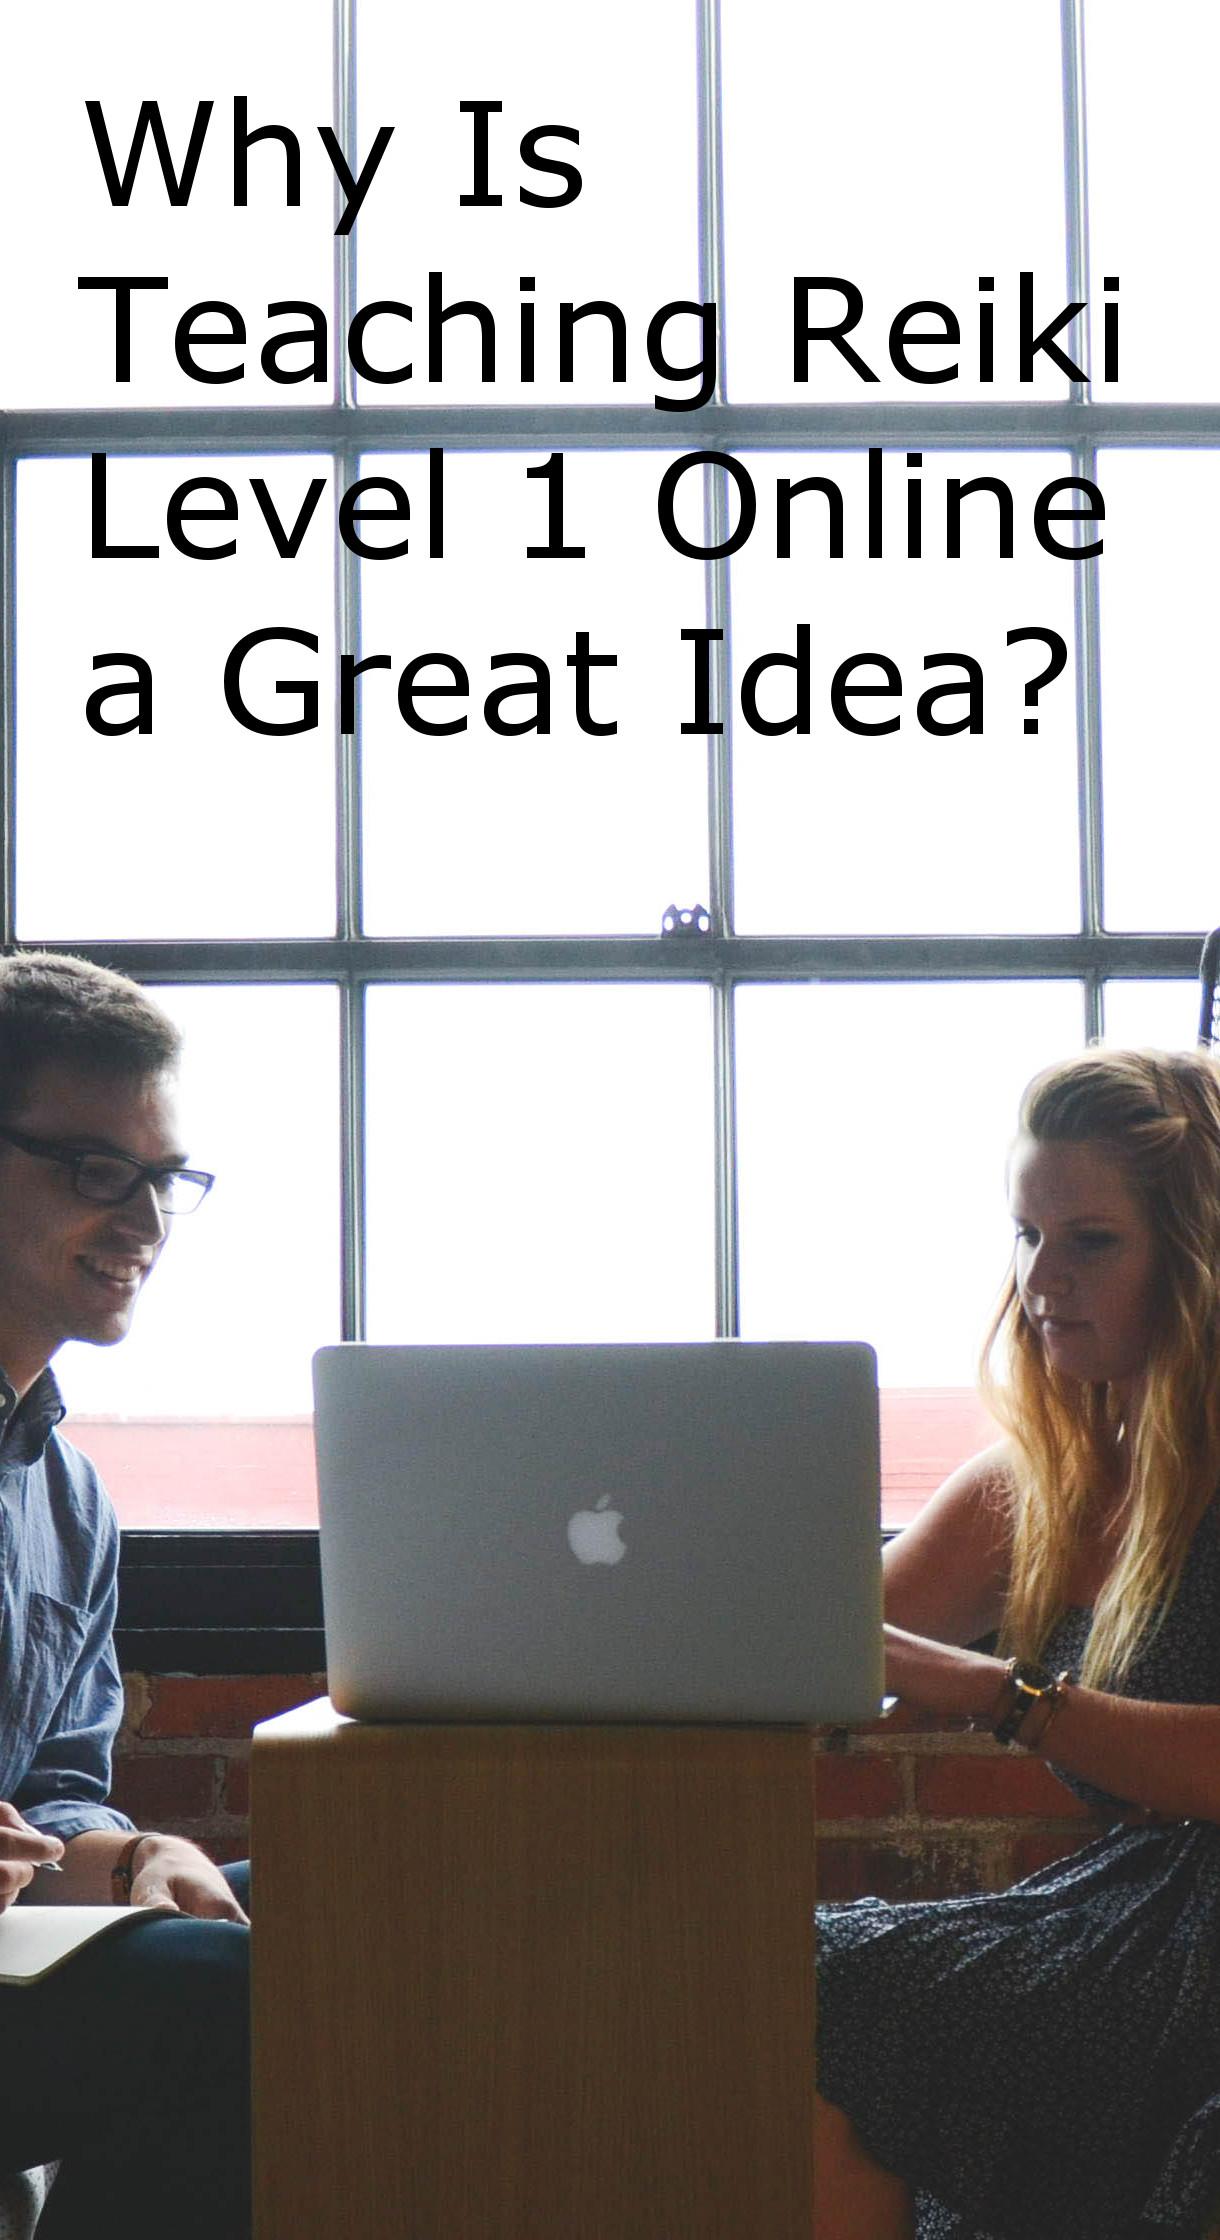 Teaching Reiki Level 1 Online